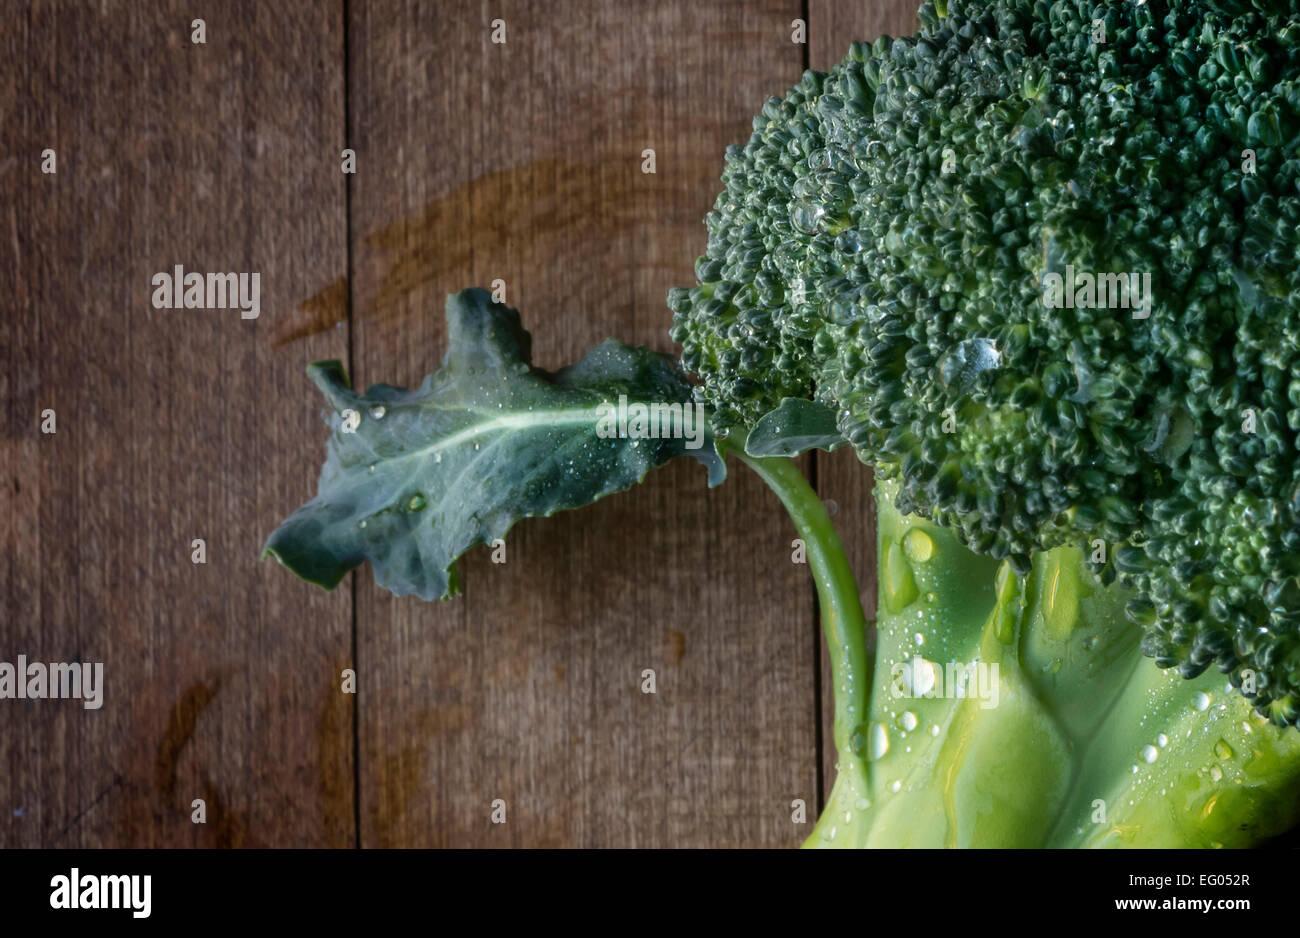 Détail macro shot d'un fleuron brocolli avec gouttelettes d'eau sur une planche à découper Photo Stock